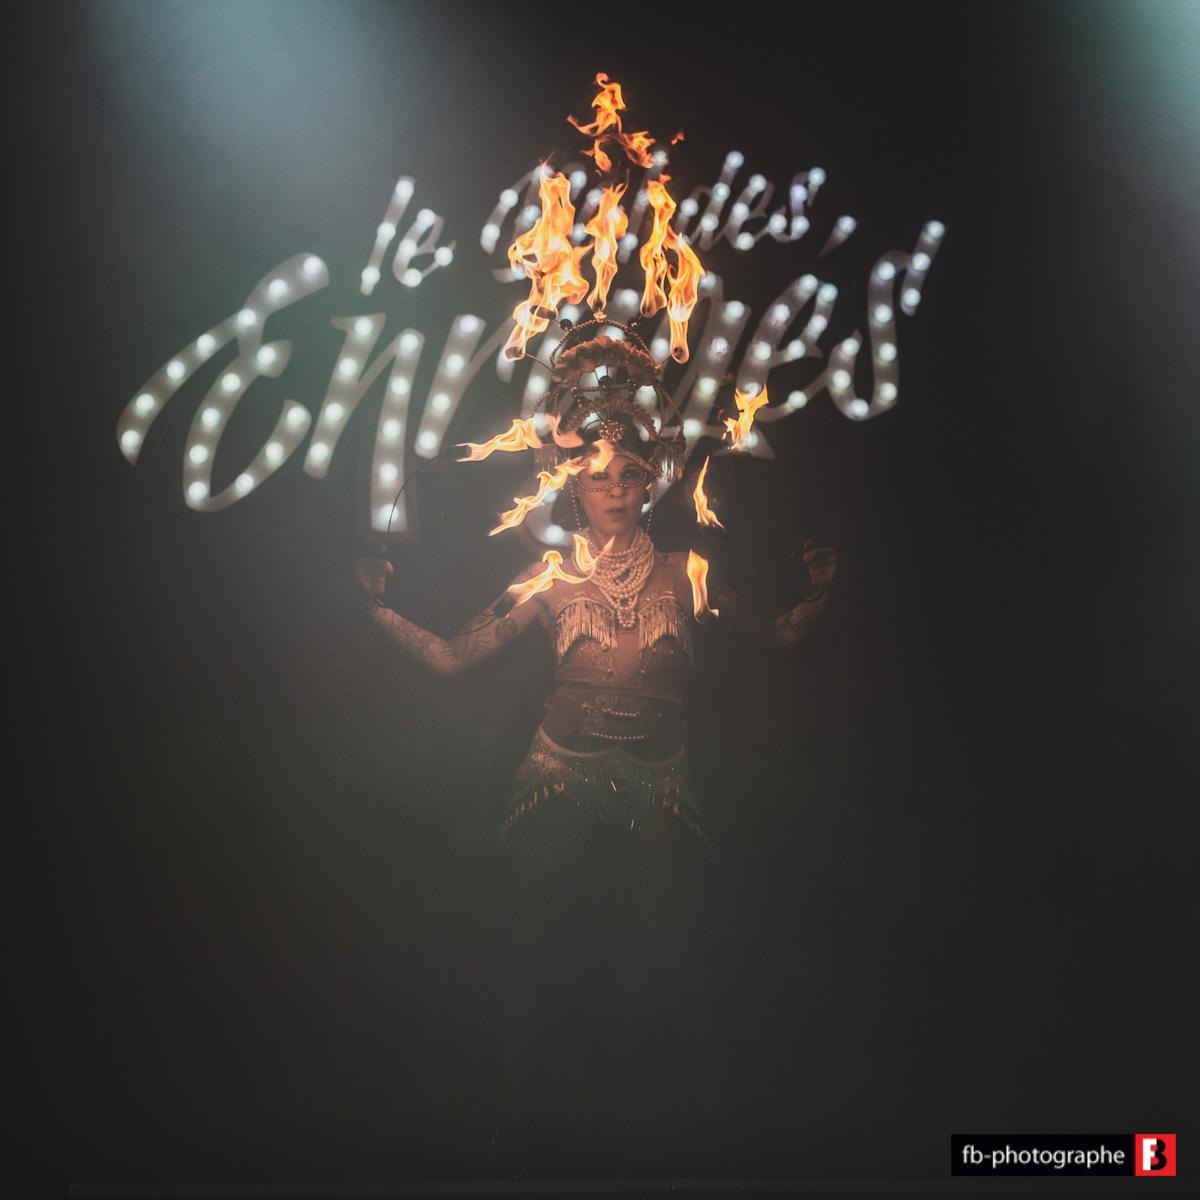 Le Bal des Enrages @ On n'a plus 20 ans V (Fontenay le Comte) - 12 avril 2019